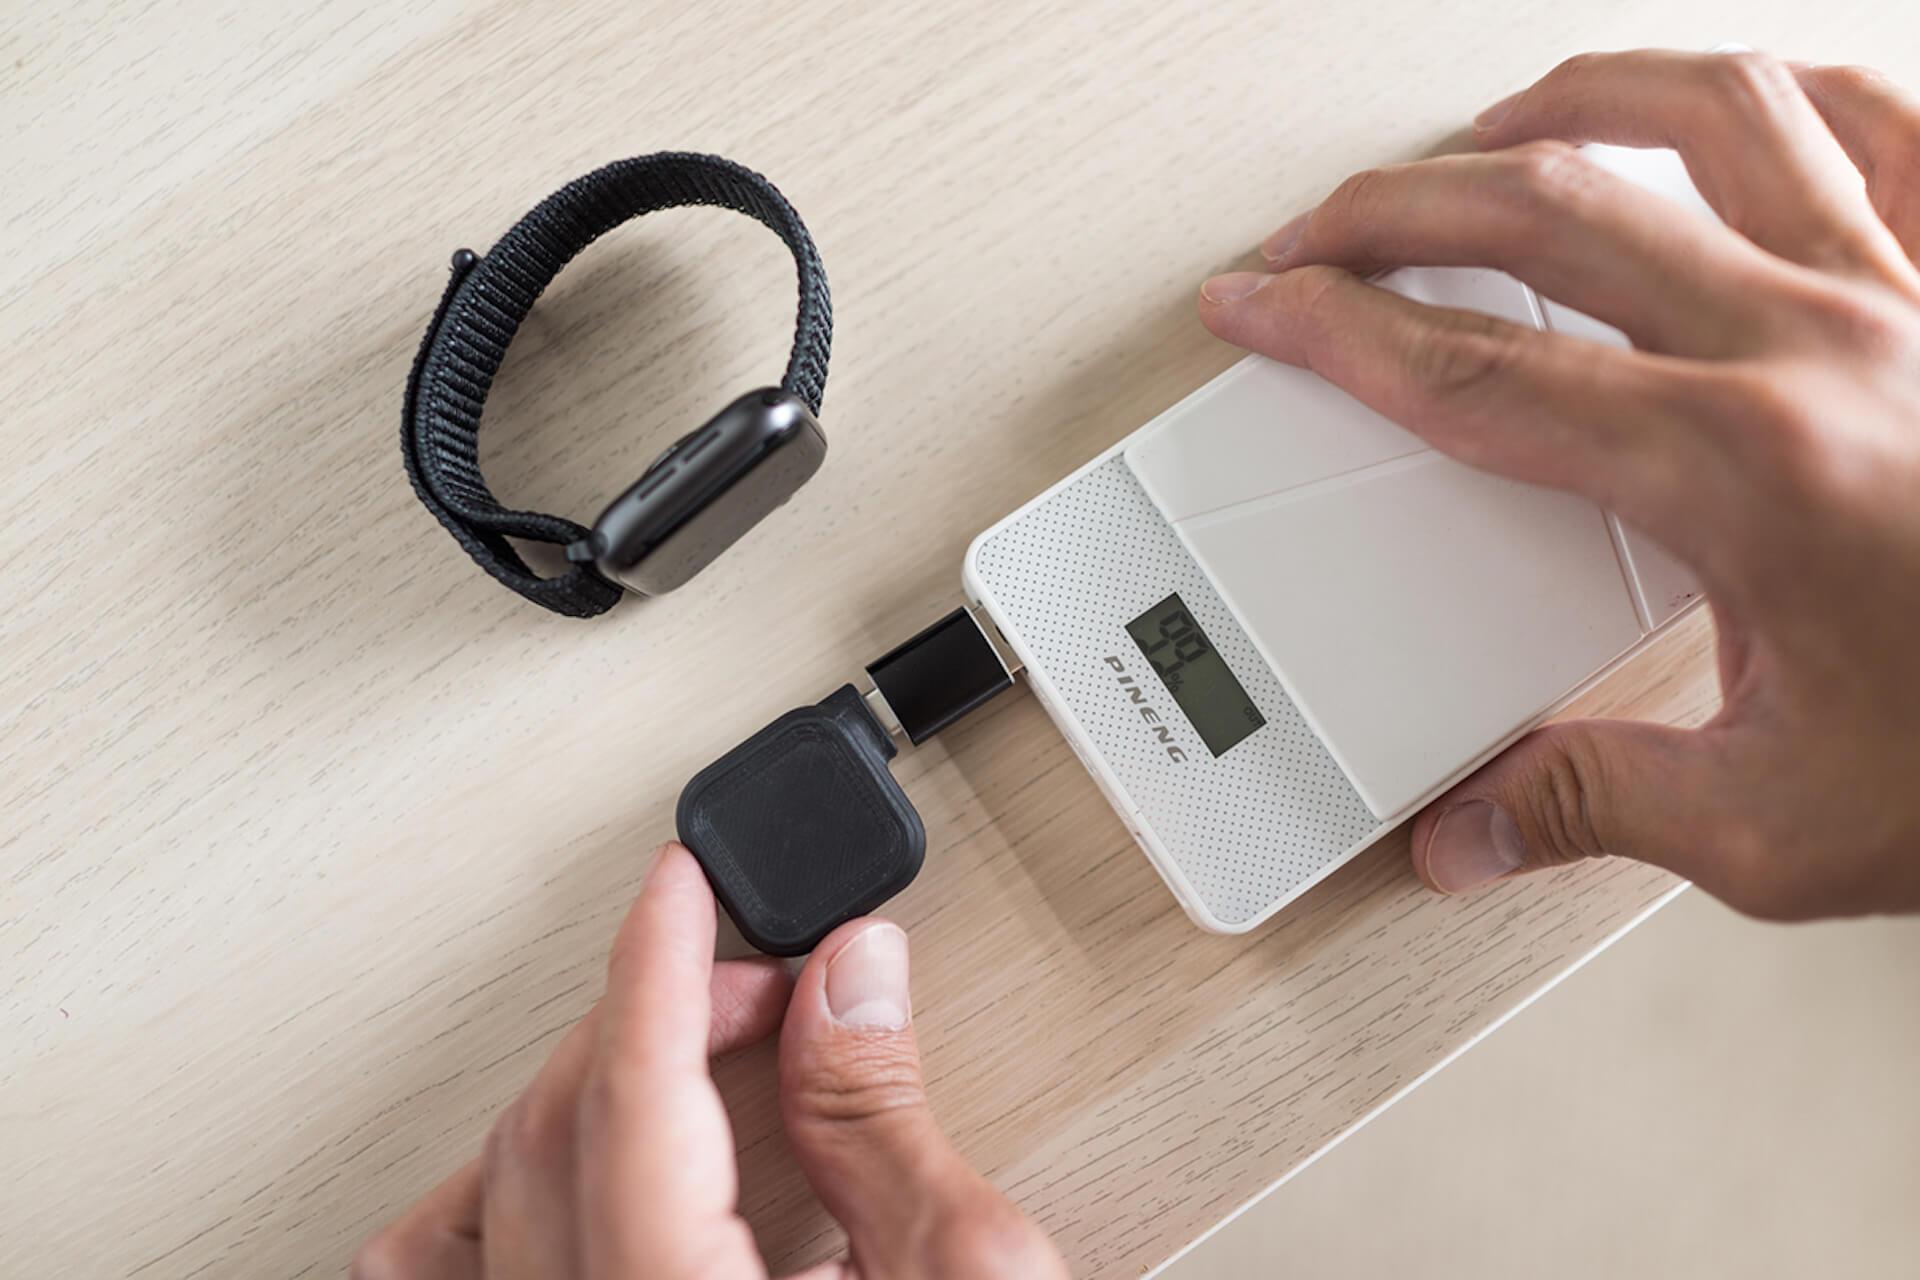 コインサイズのApple Watch専用充電器「MACO GO」がクラウドファンディング「Makuake」に登場! tech200624_macogo_6